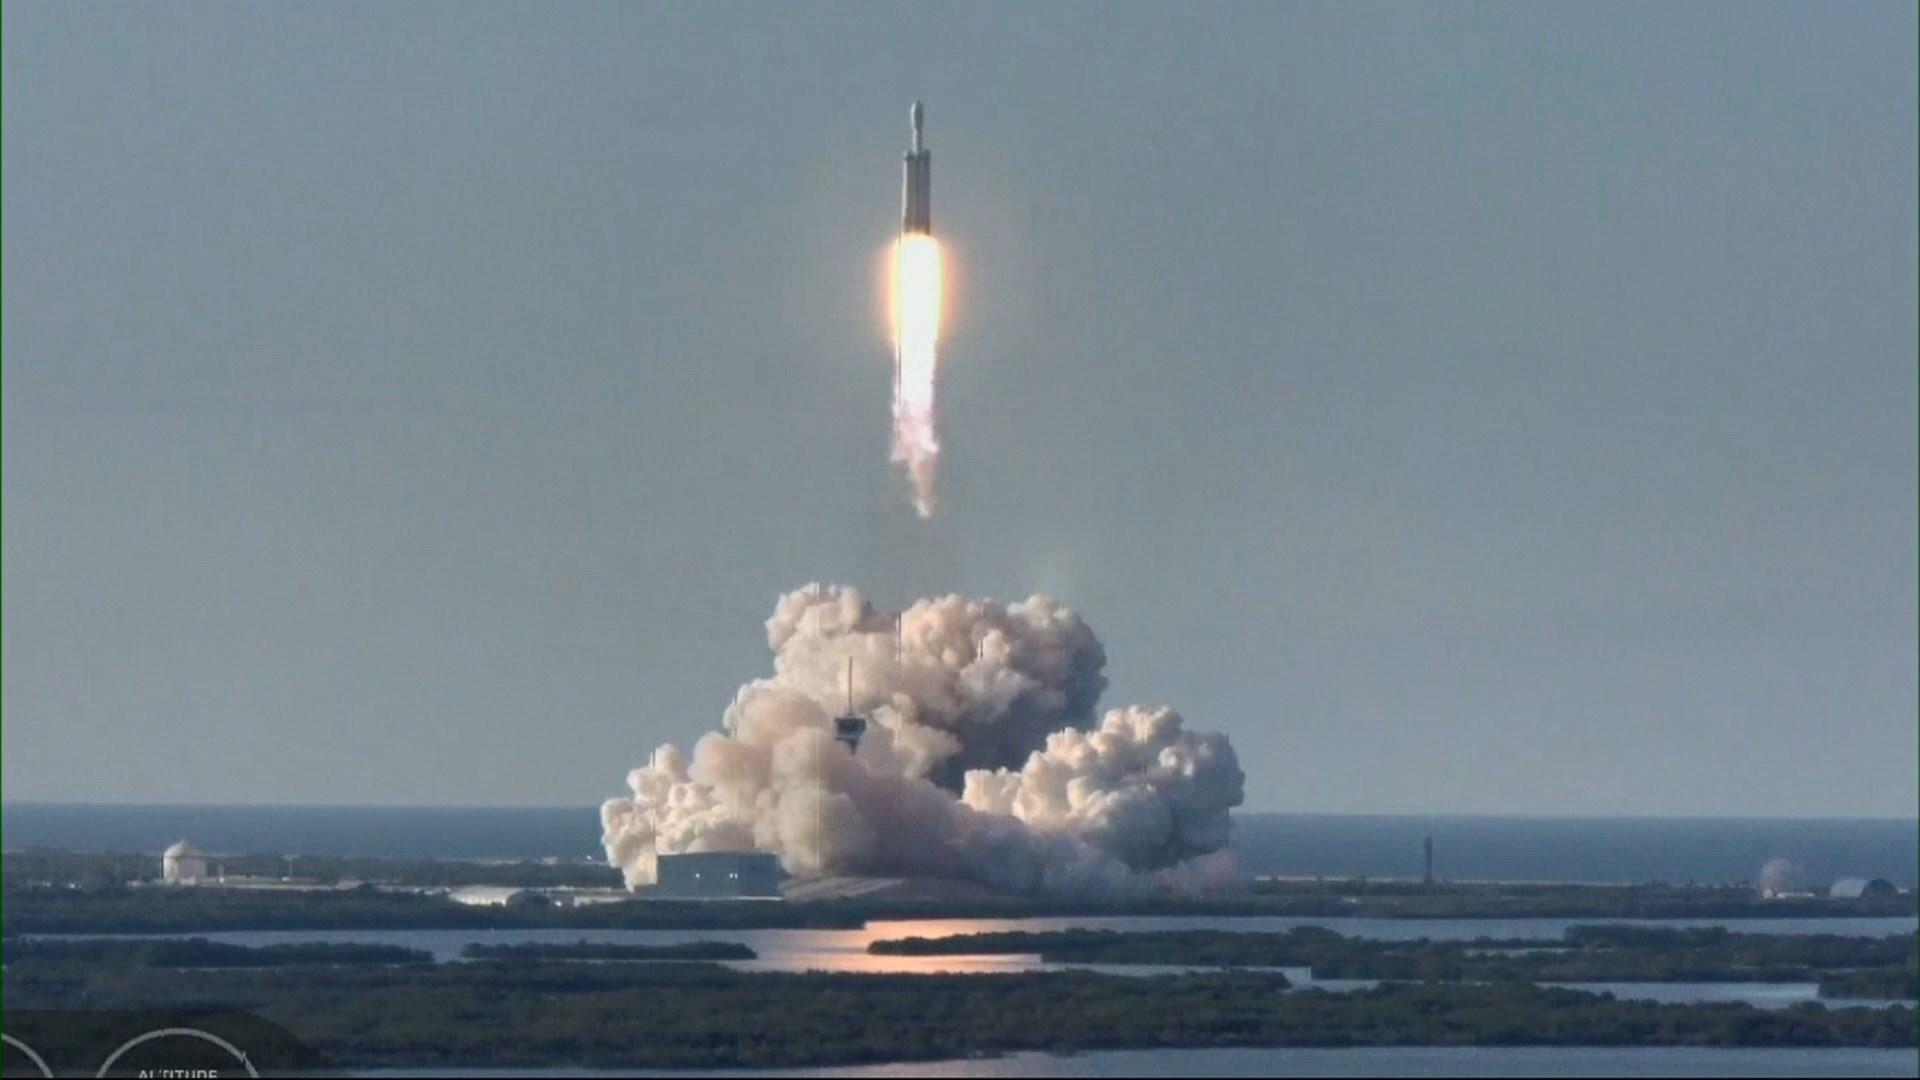 SpaceX獵鷹重型火箭首次商業發射成功